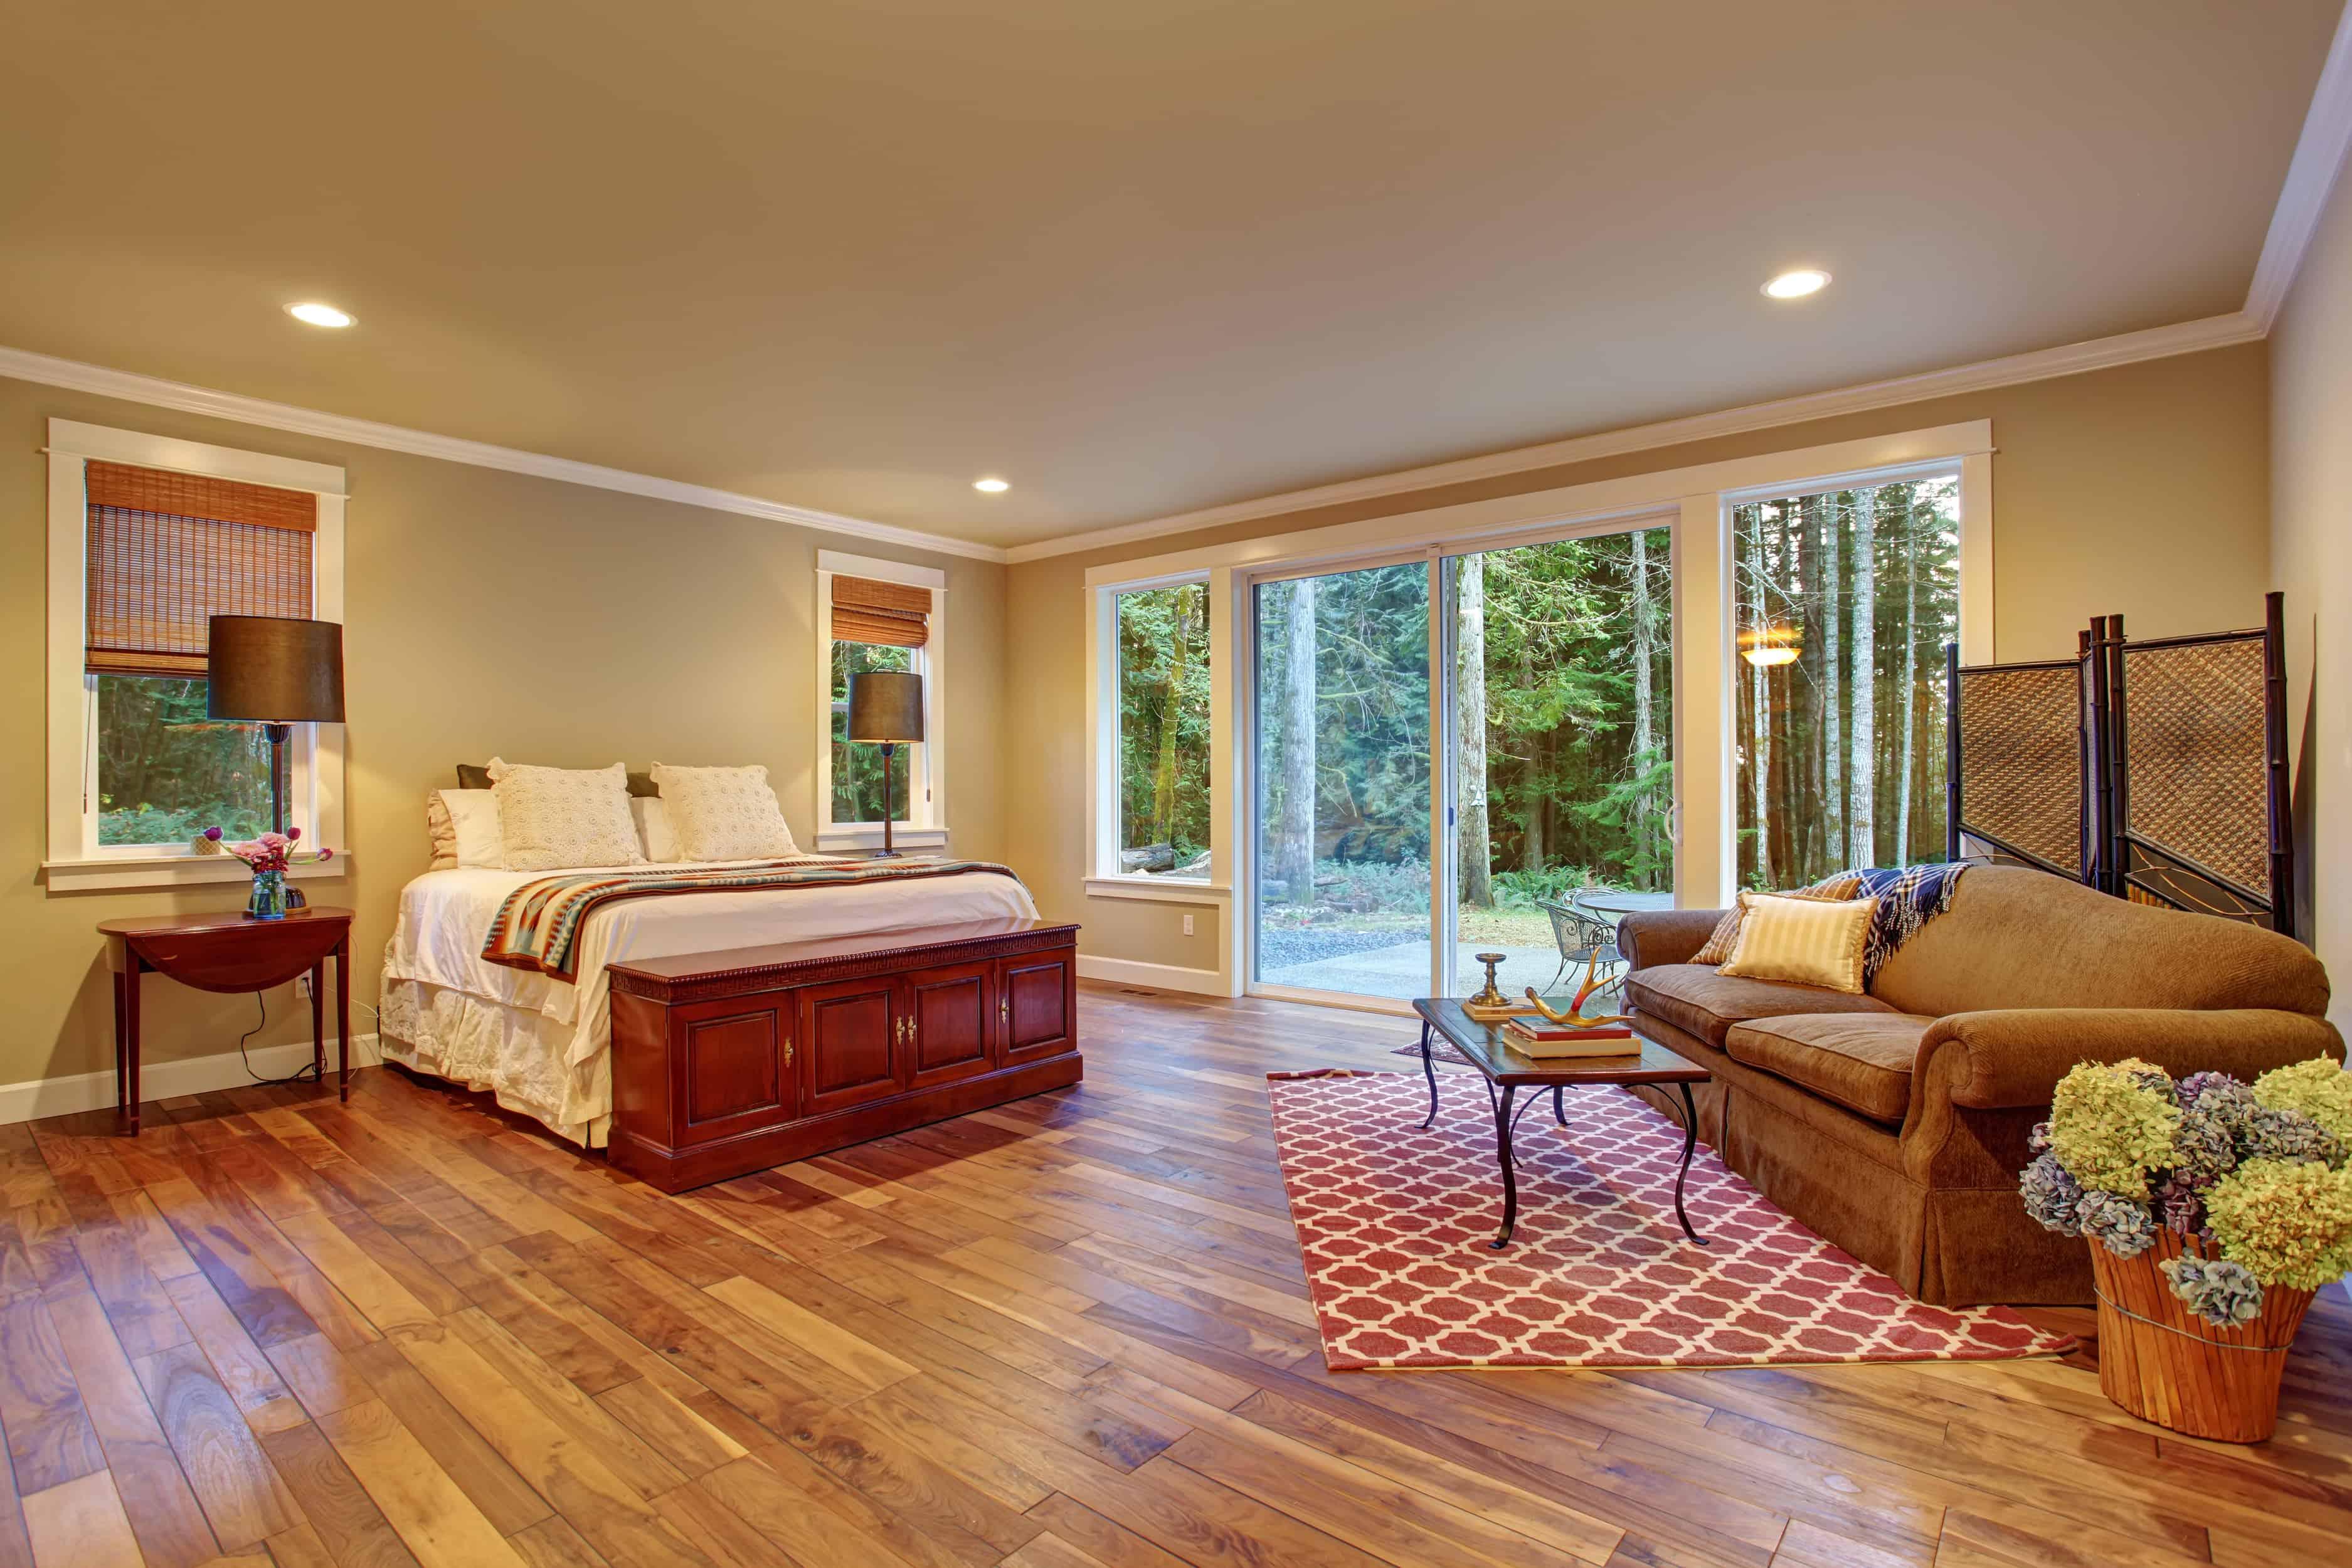 Benefits of Wood Flooring vs. Carpeting - Denver Dustless